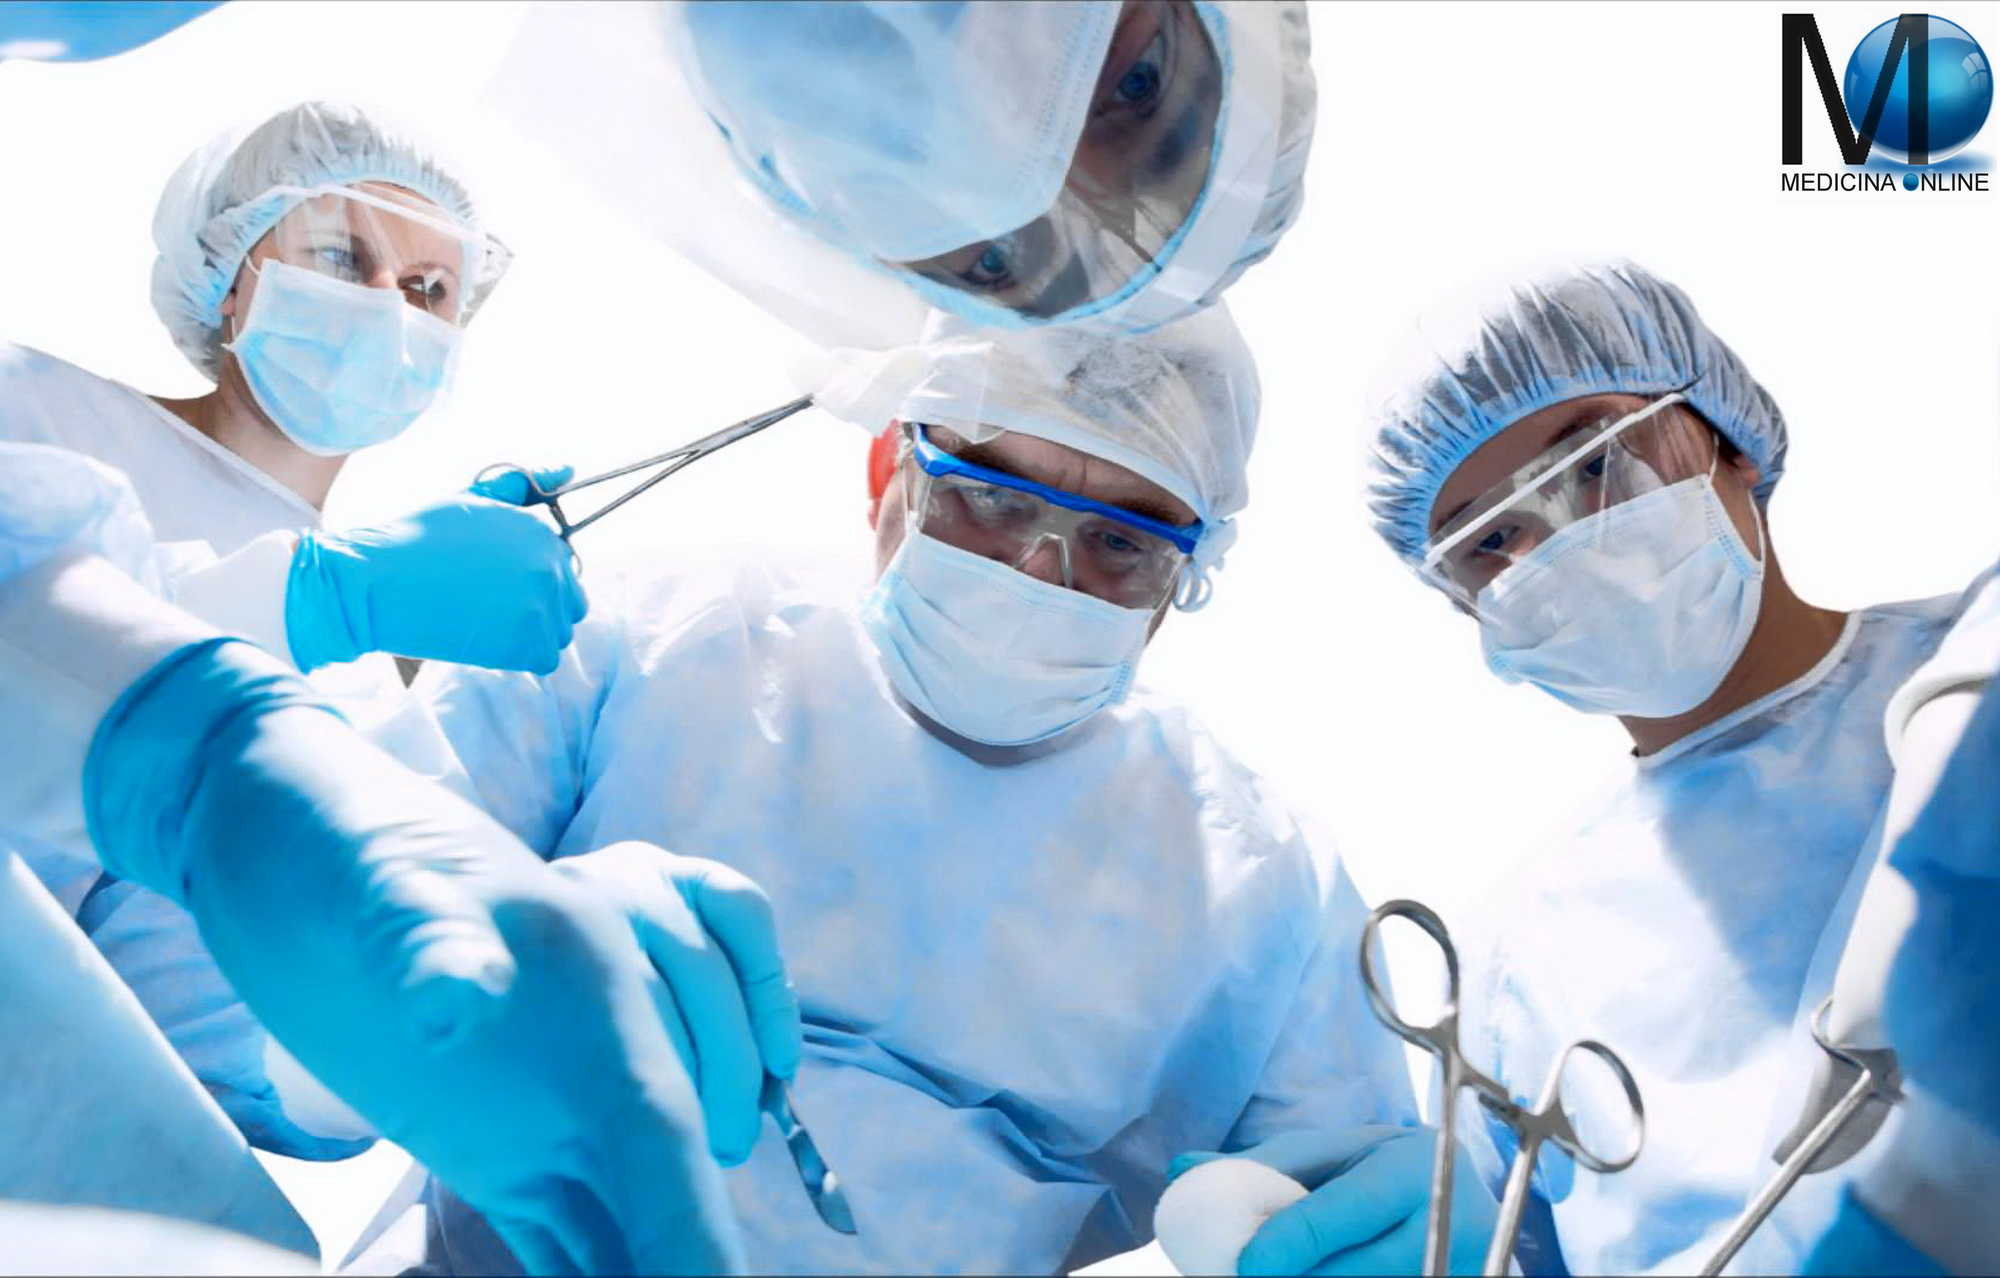 anestesia generale effetti collaterali difficoltà a urinare